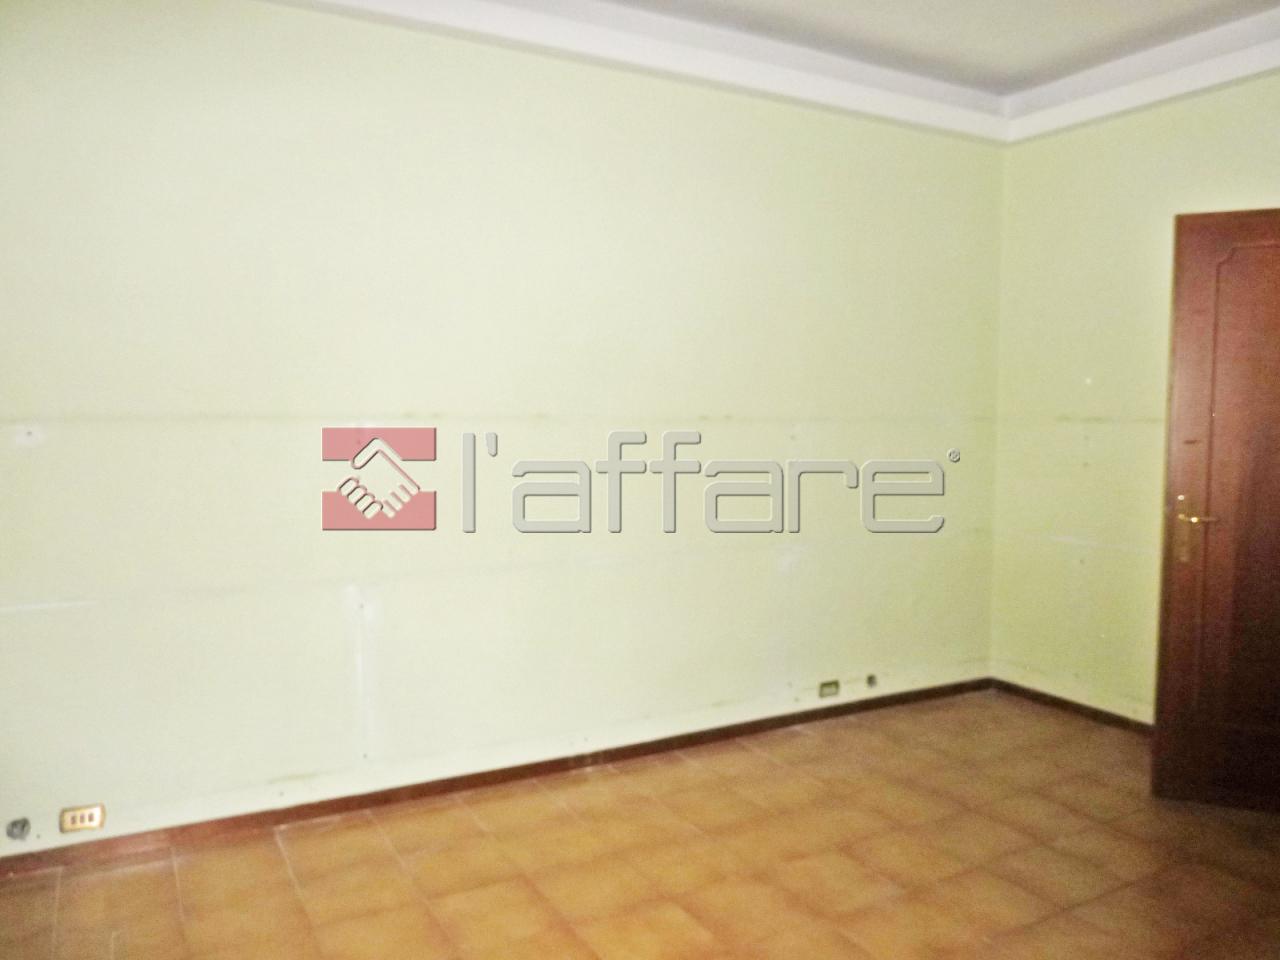 Ufficio Direzionale in Affitto Montecatini-Terme l'affare, agenzia immobiliare toscana, affitto ...